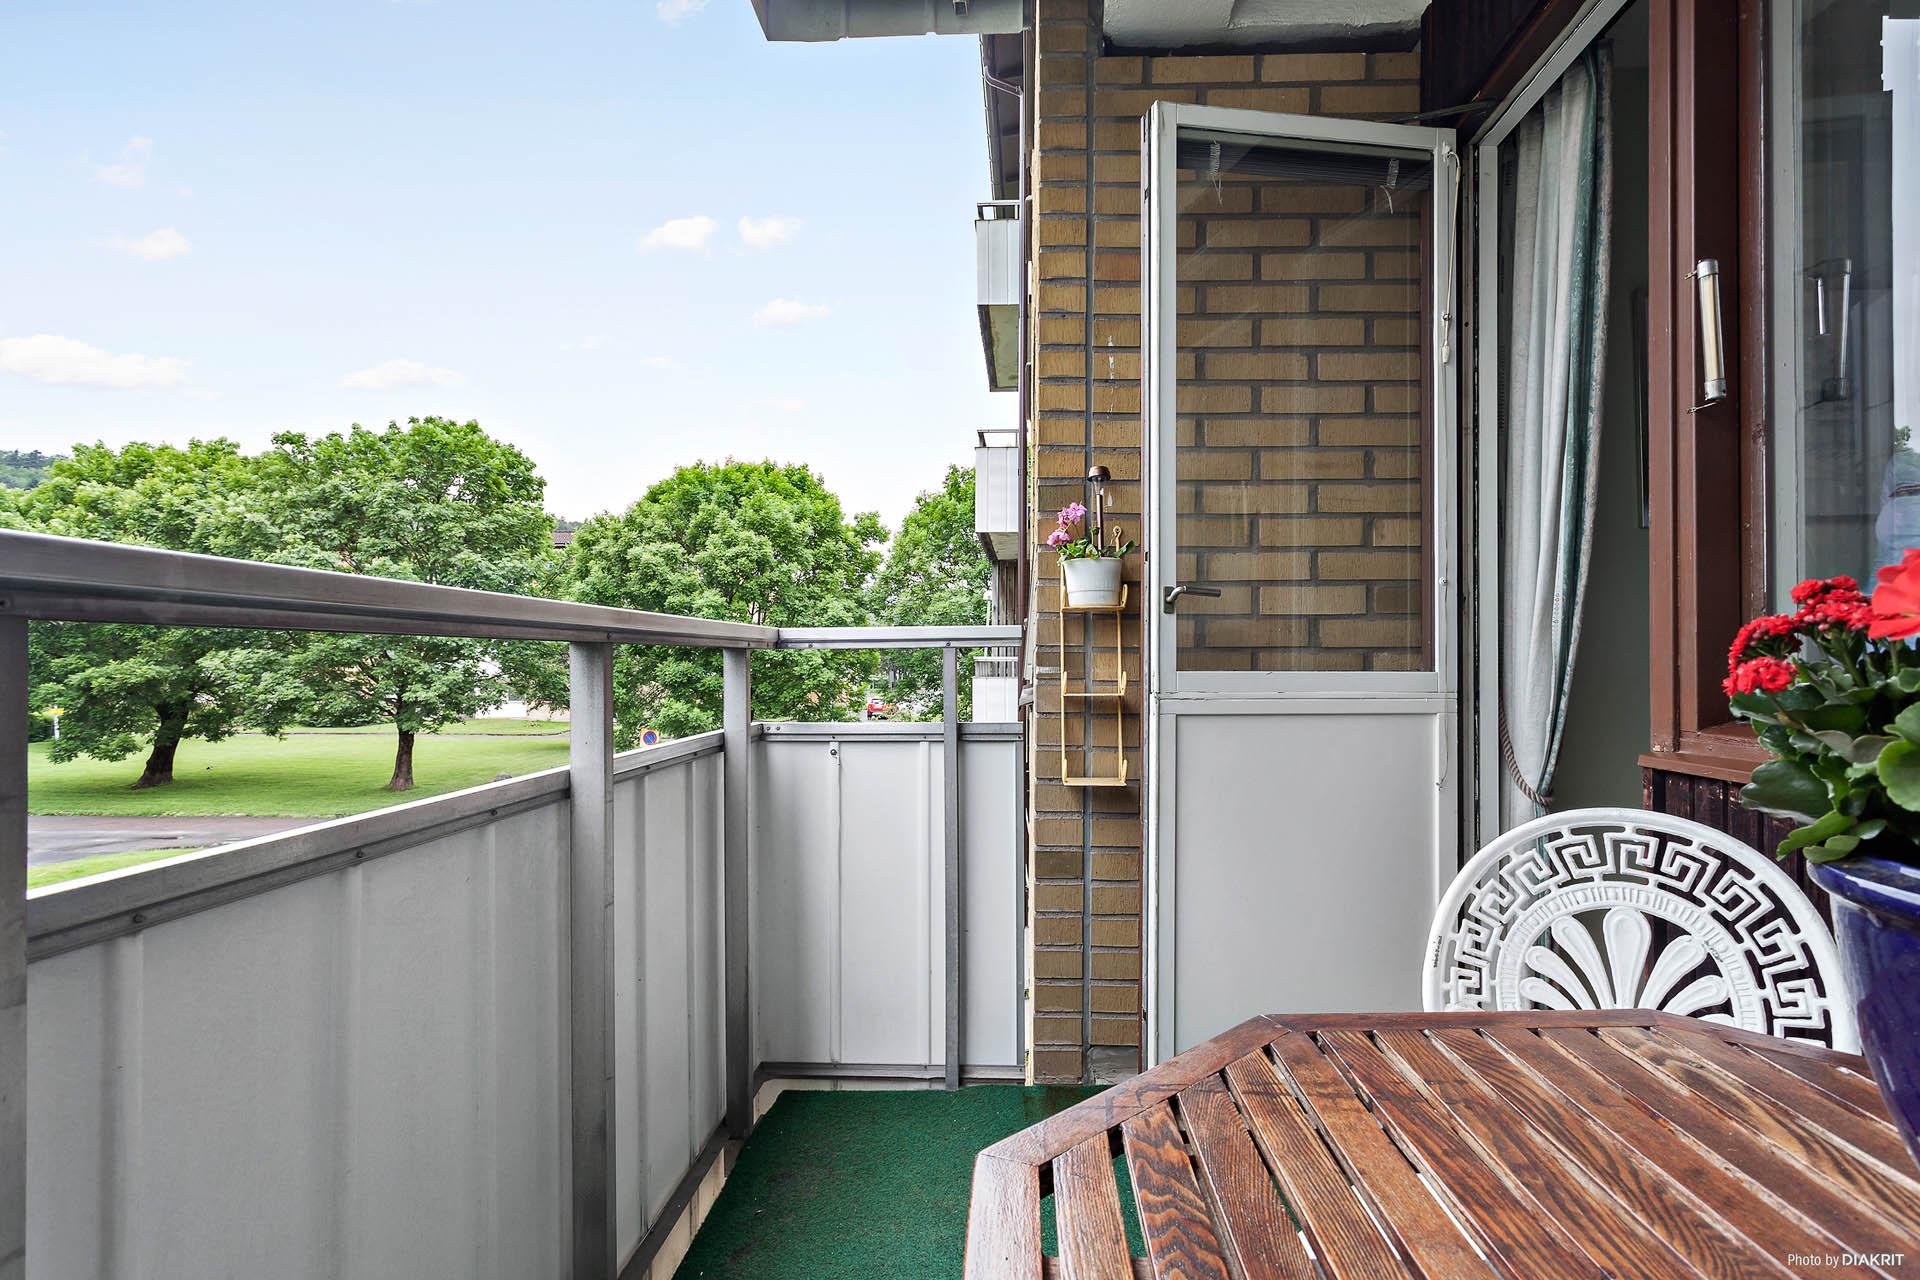 Välkommen till en lägenhet endast en trappa upp med bästa solläge!